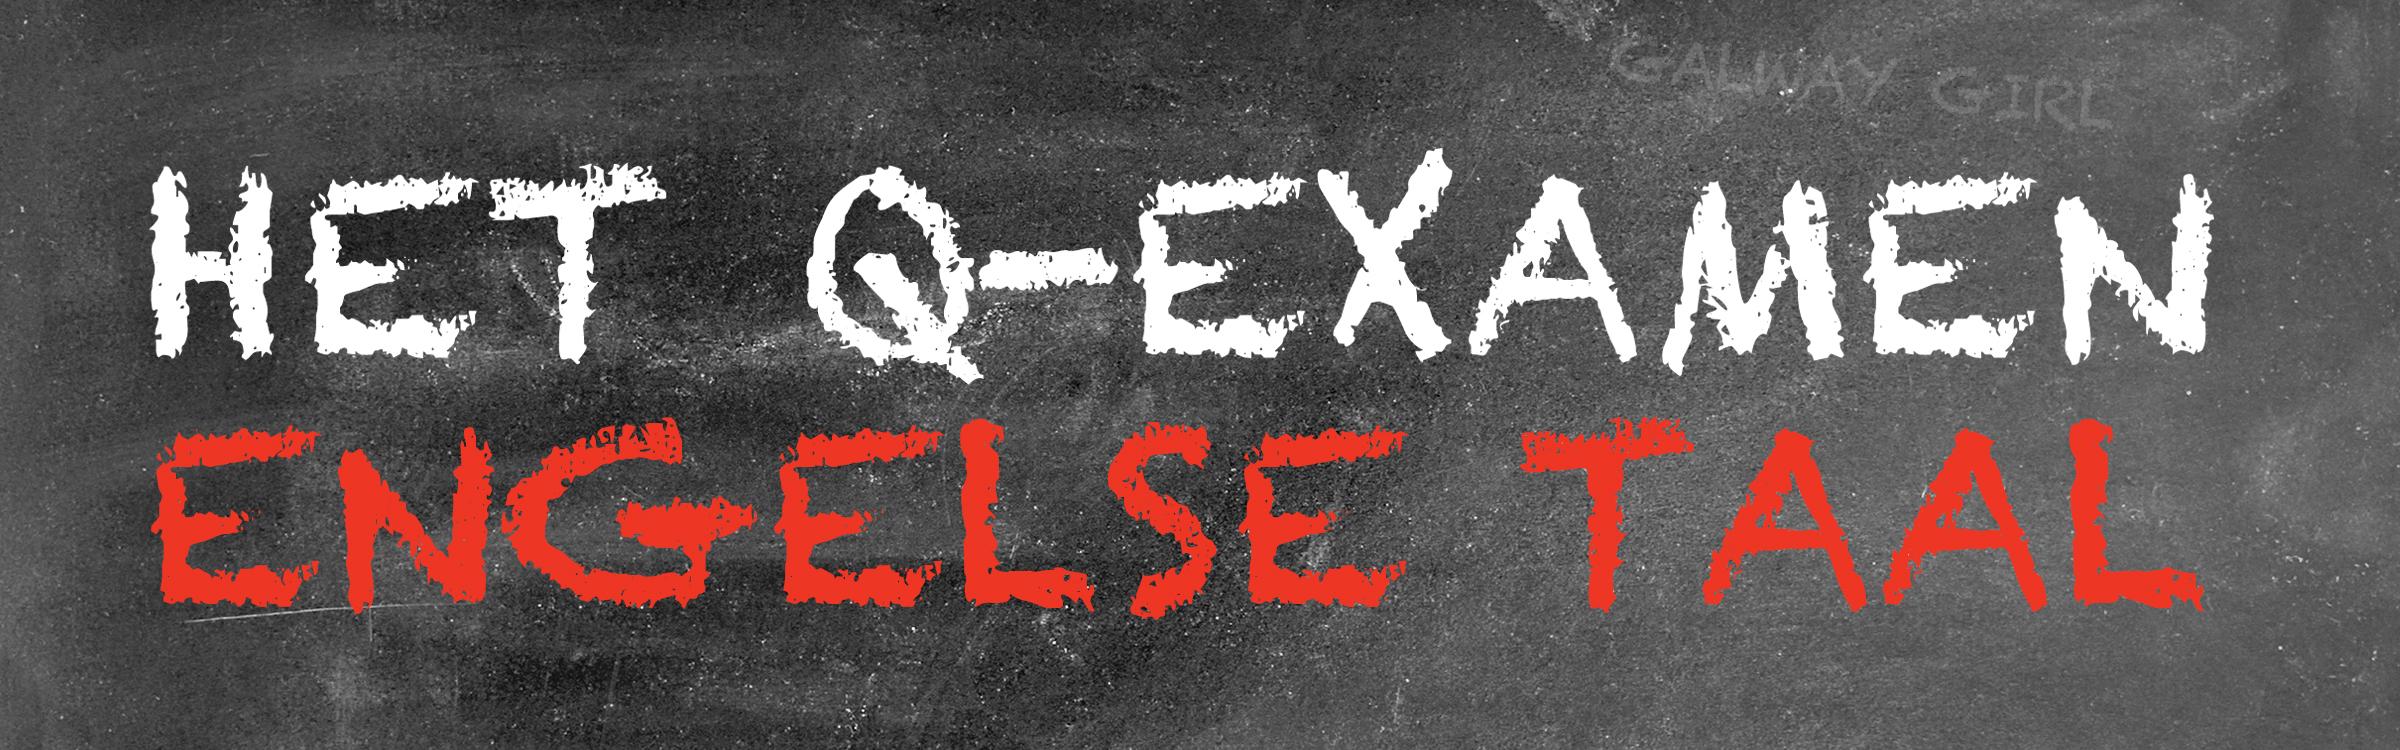 Qexamenengels header